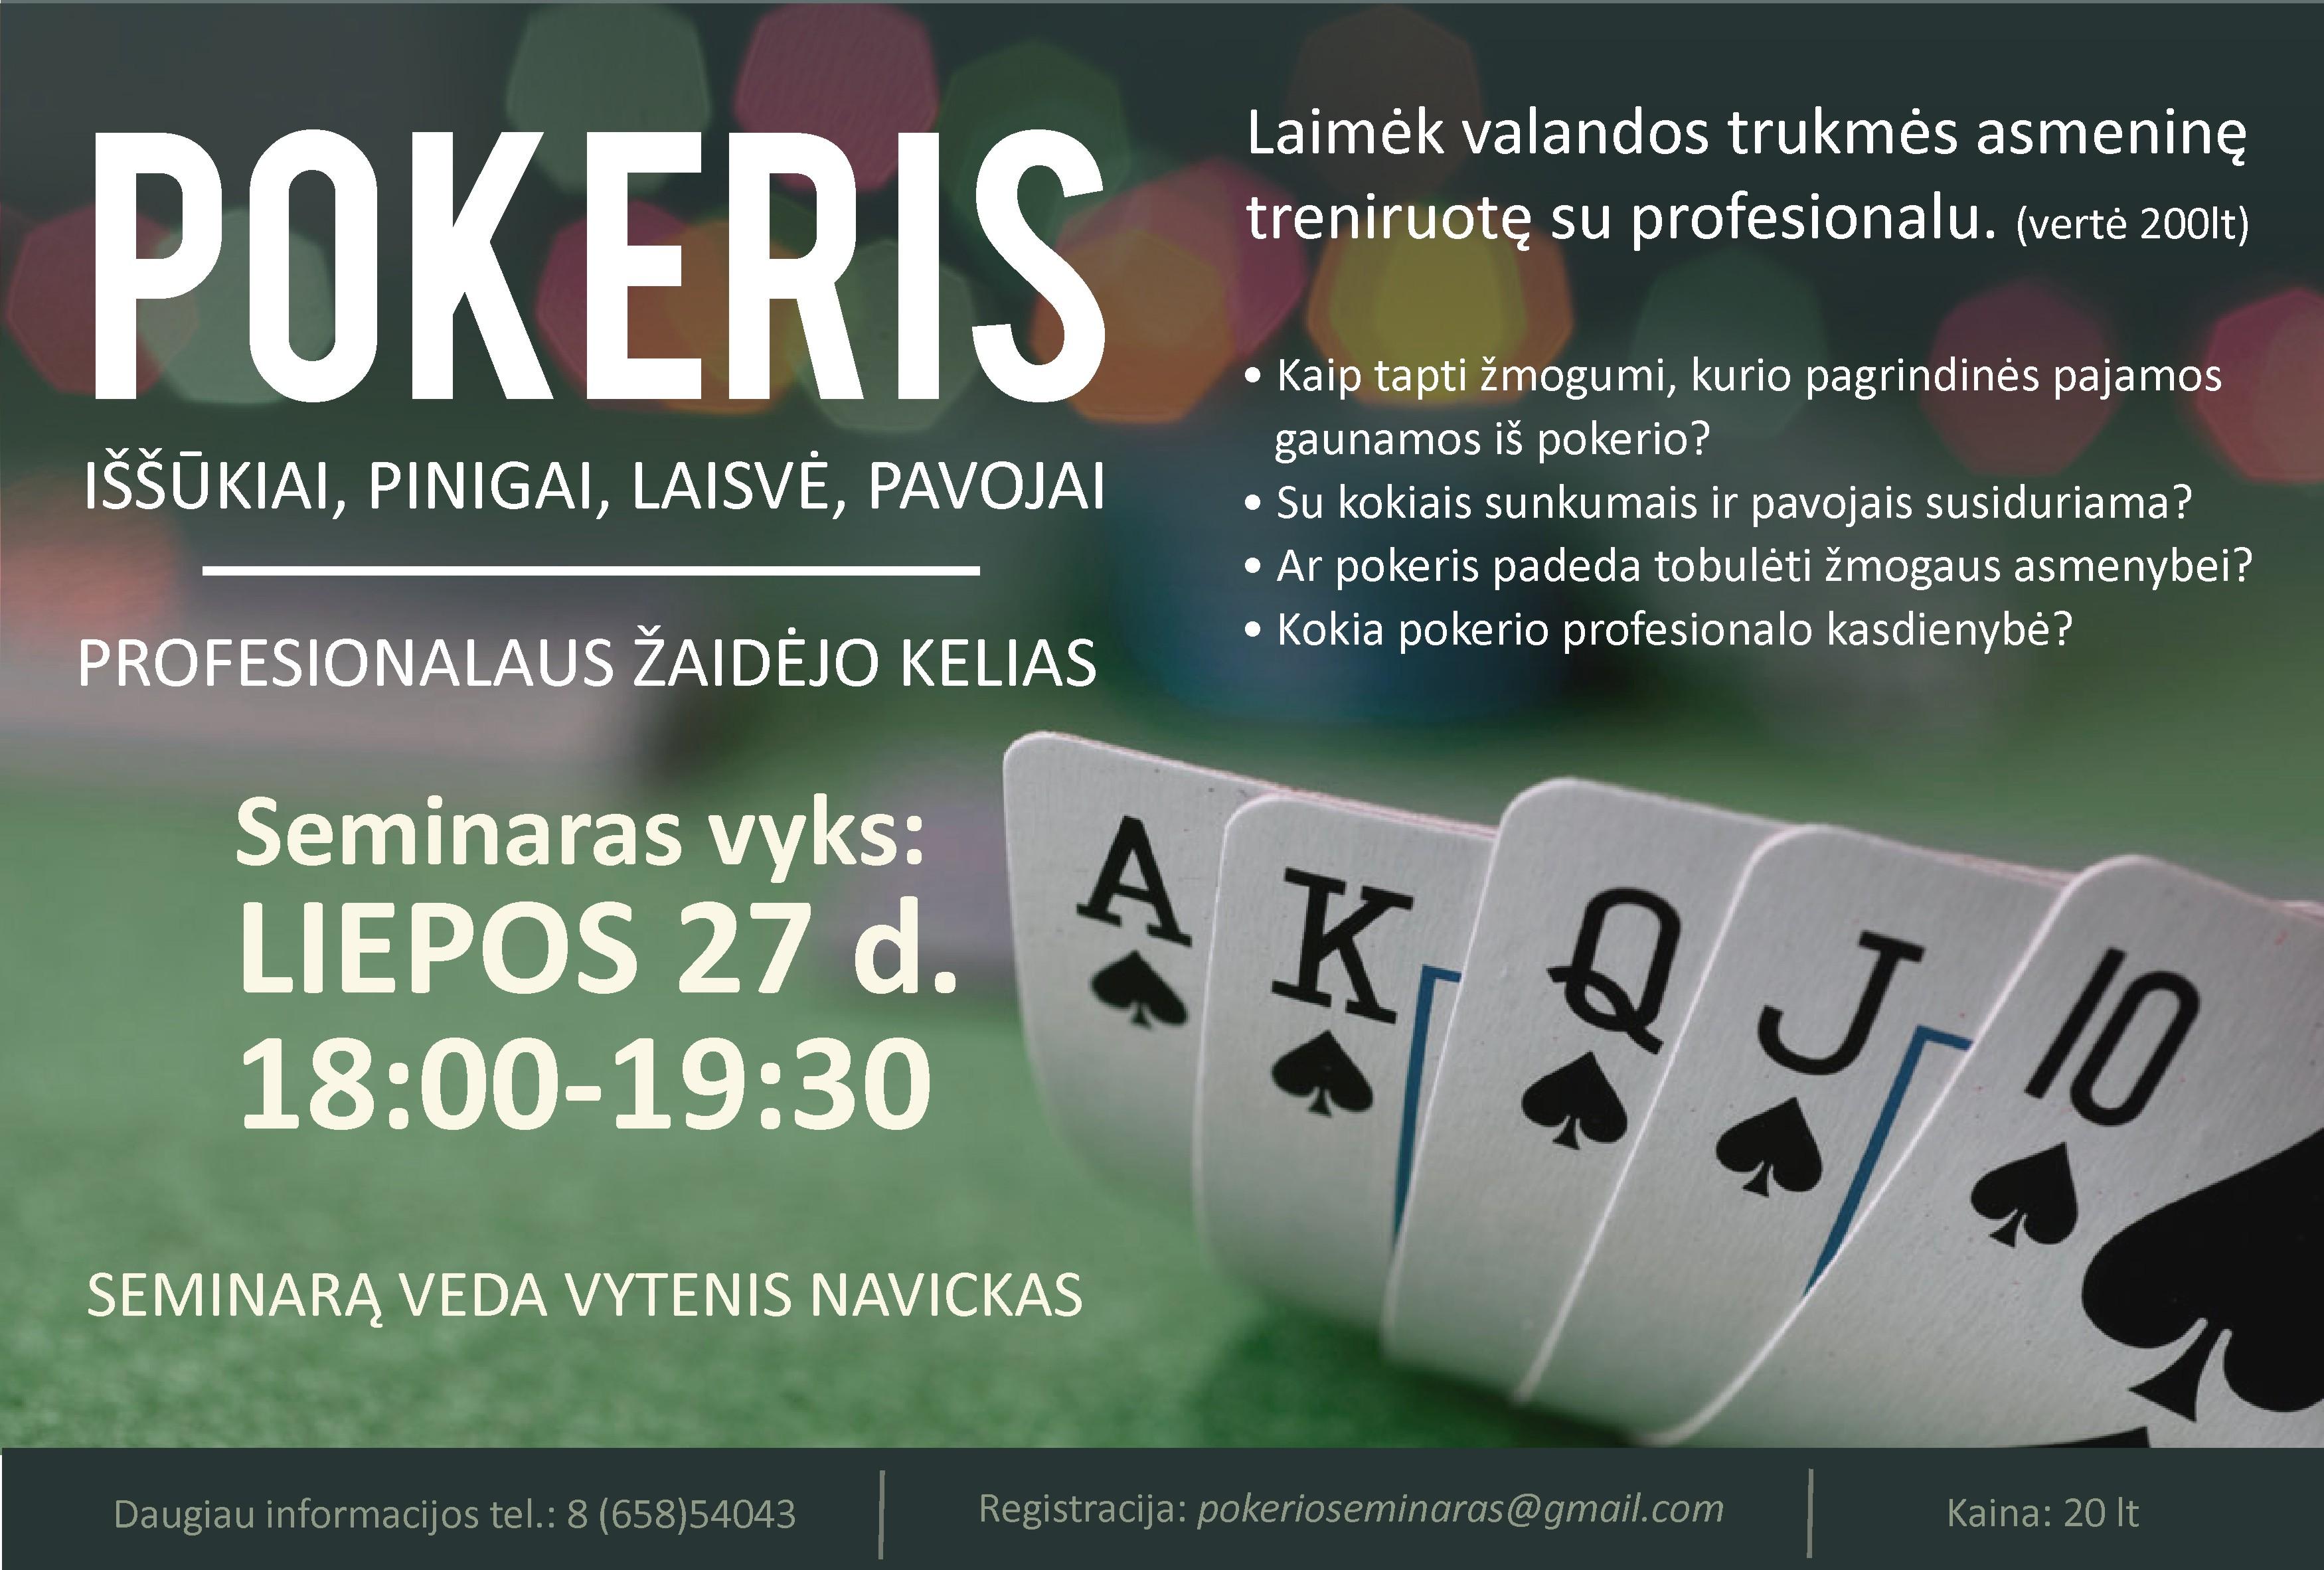 Išskirtinis pokerio seminaras Kaune (Interviu su seminaro vedėju) 101